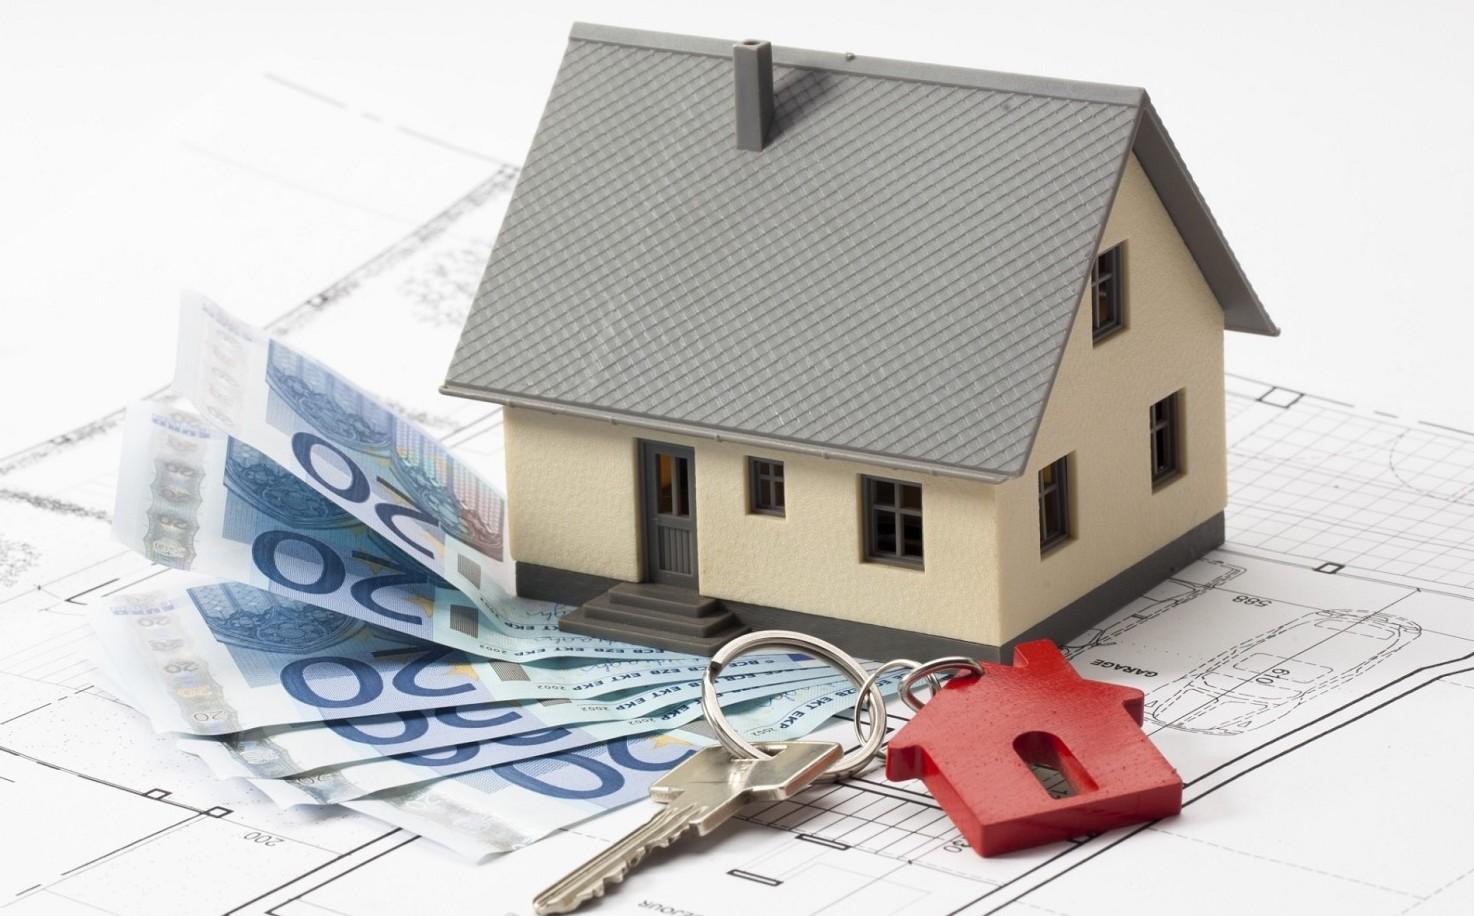 Mutui a tasso variabile Gennaio 2019. Co